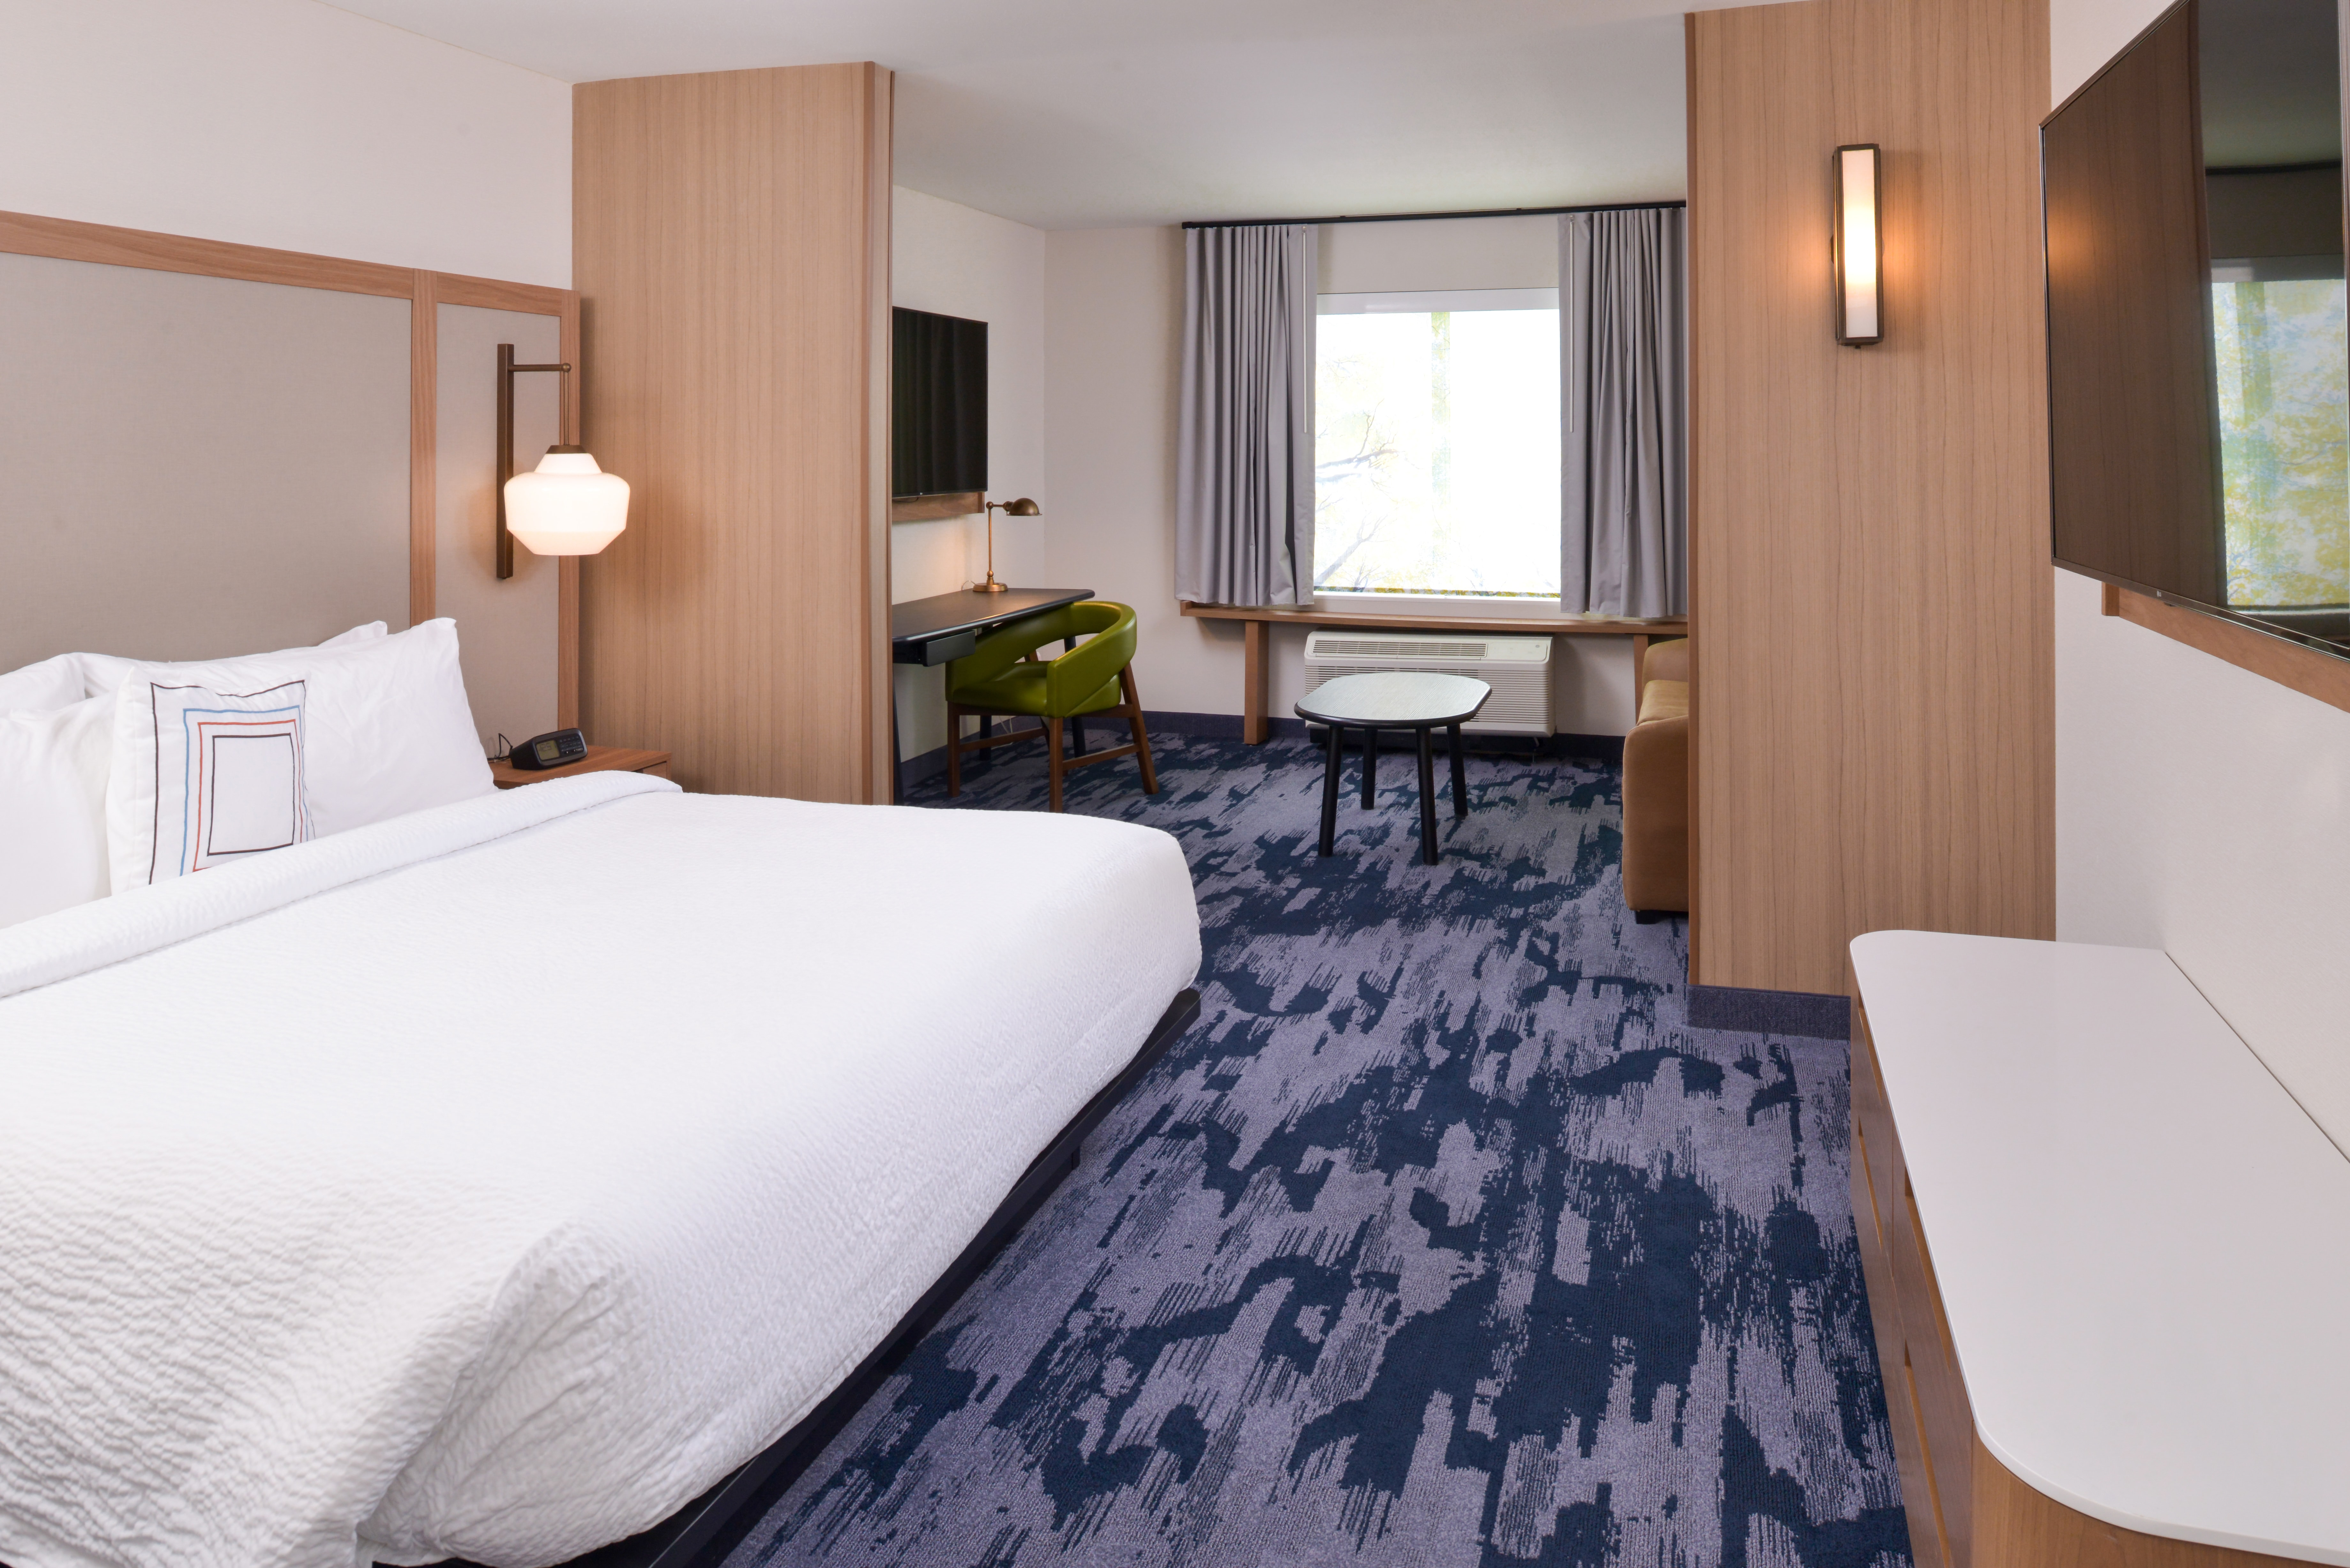 https://www.hotelsbyday.com/_data/default-hotel_image/3/15932/fis-cmhfg-kingsofabe-eagkz.jpg